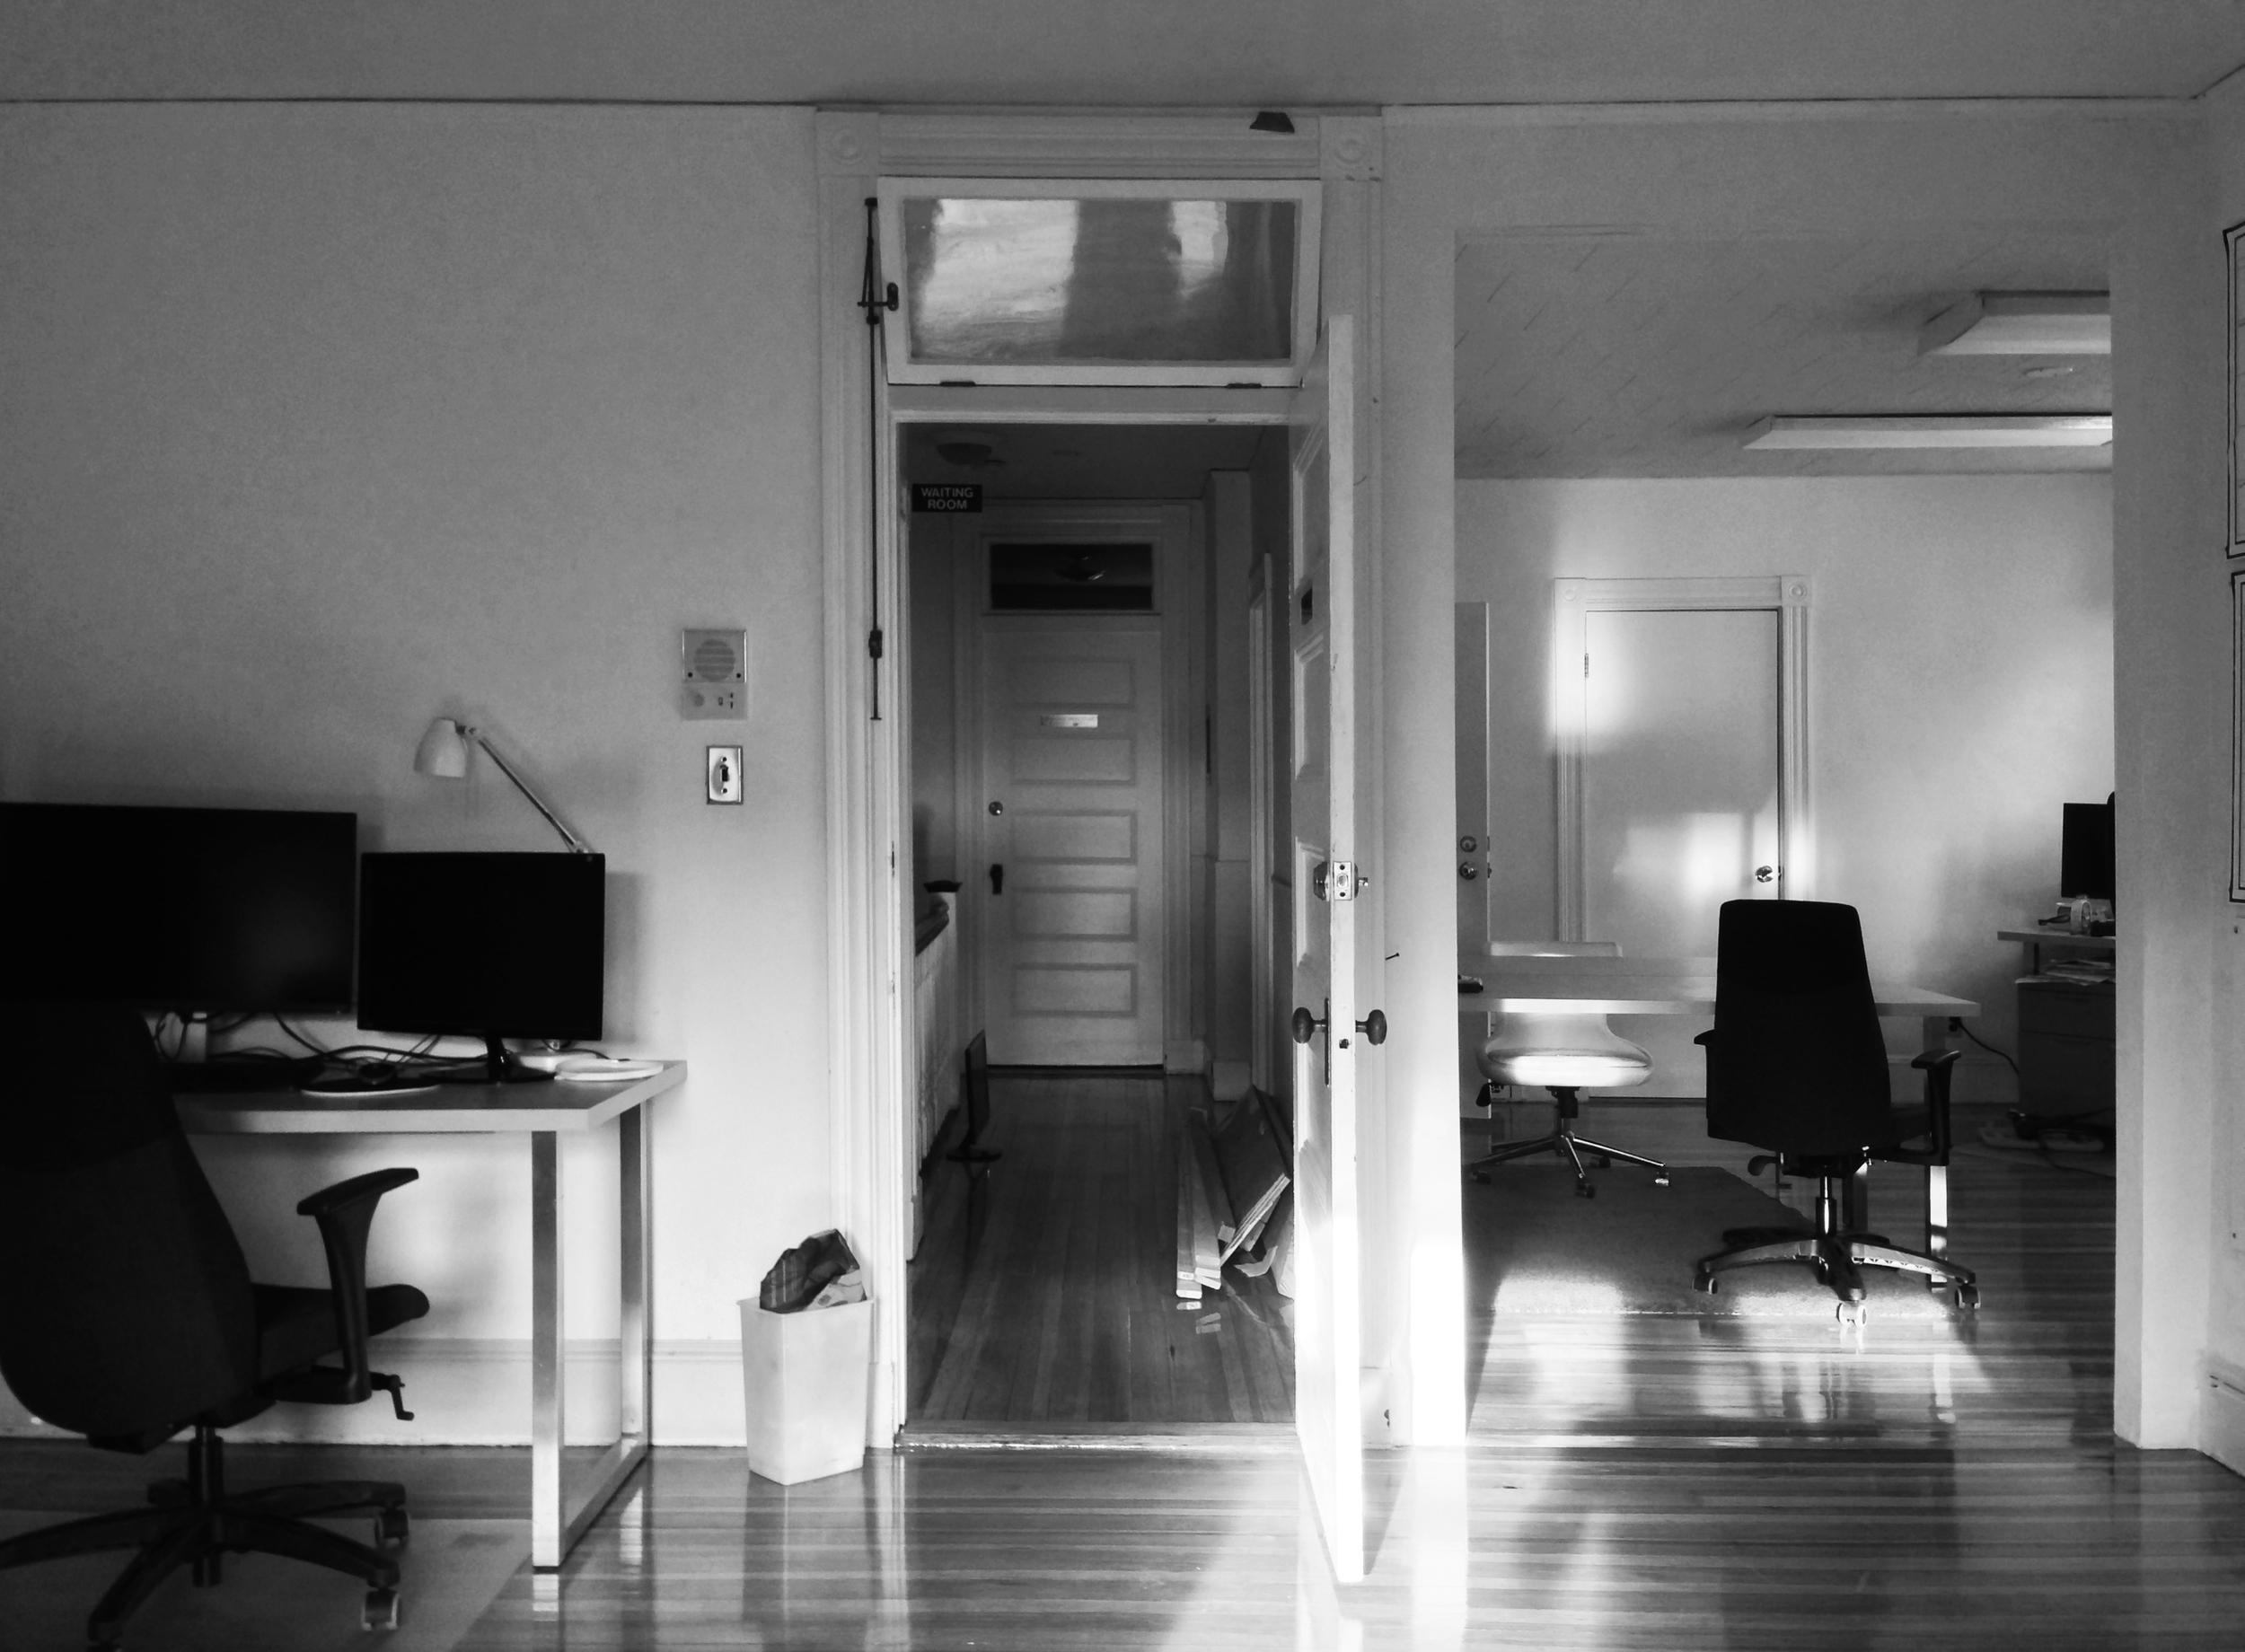 Office_Photo_2_2015_BlackandWhite.jpg